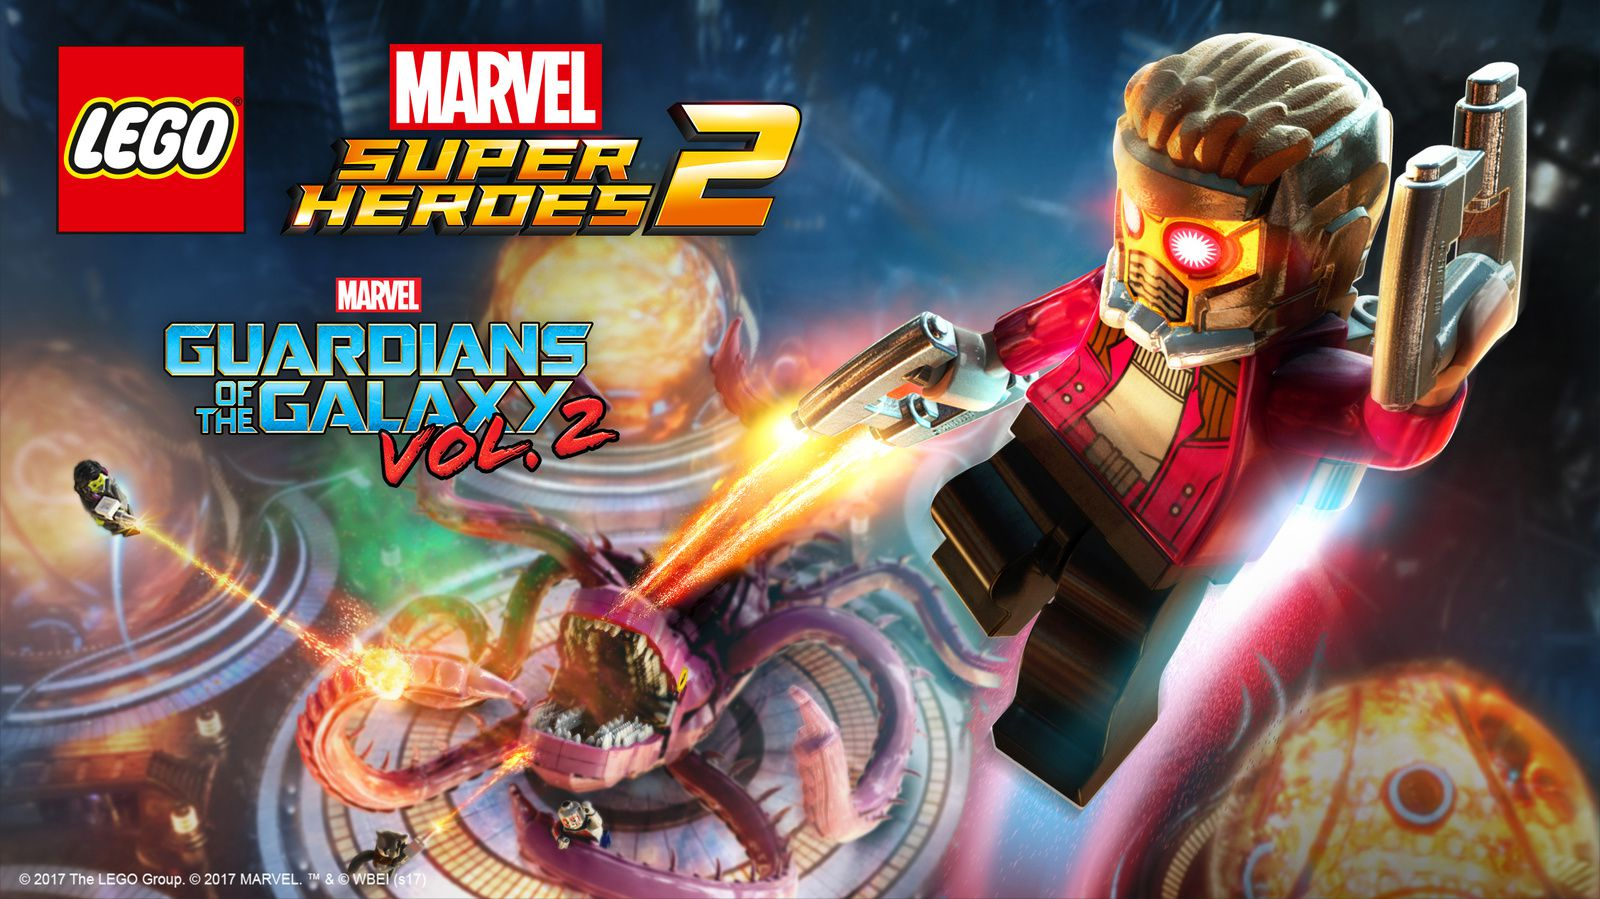 LEGO® Marvel Super Heroes 2 ajoute un Pack Aventure inspiré des Gardiens de la Galaxie : Vol. 2 de Marvel Studios !